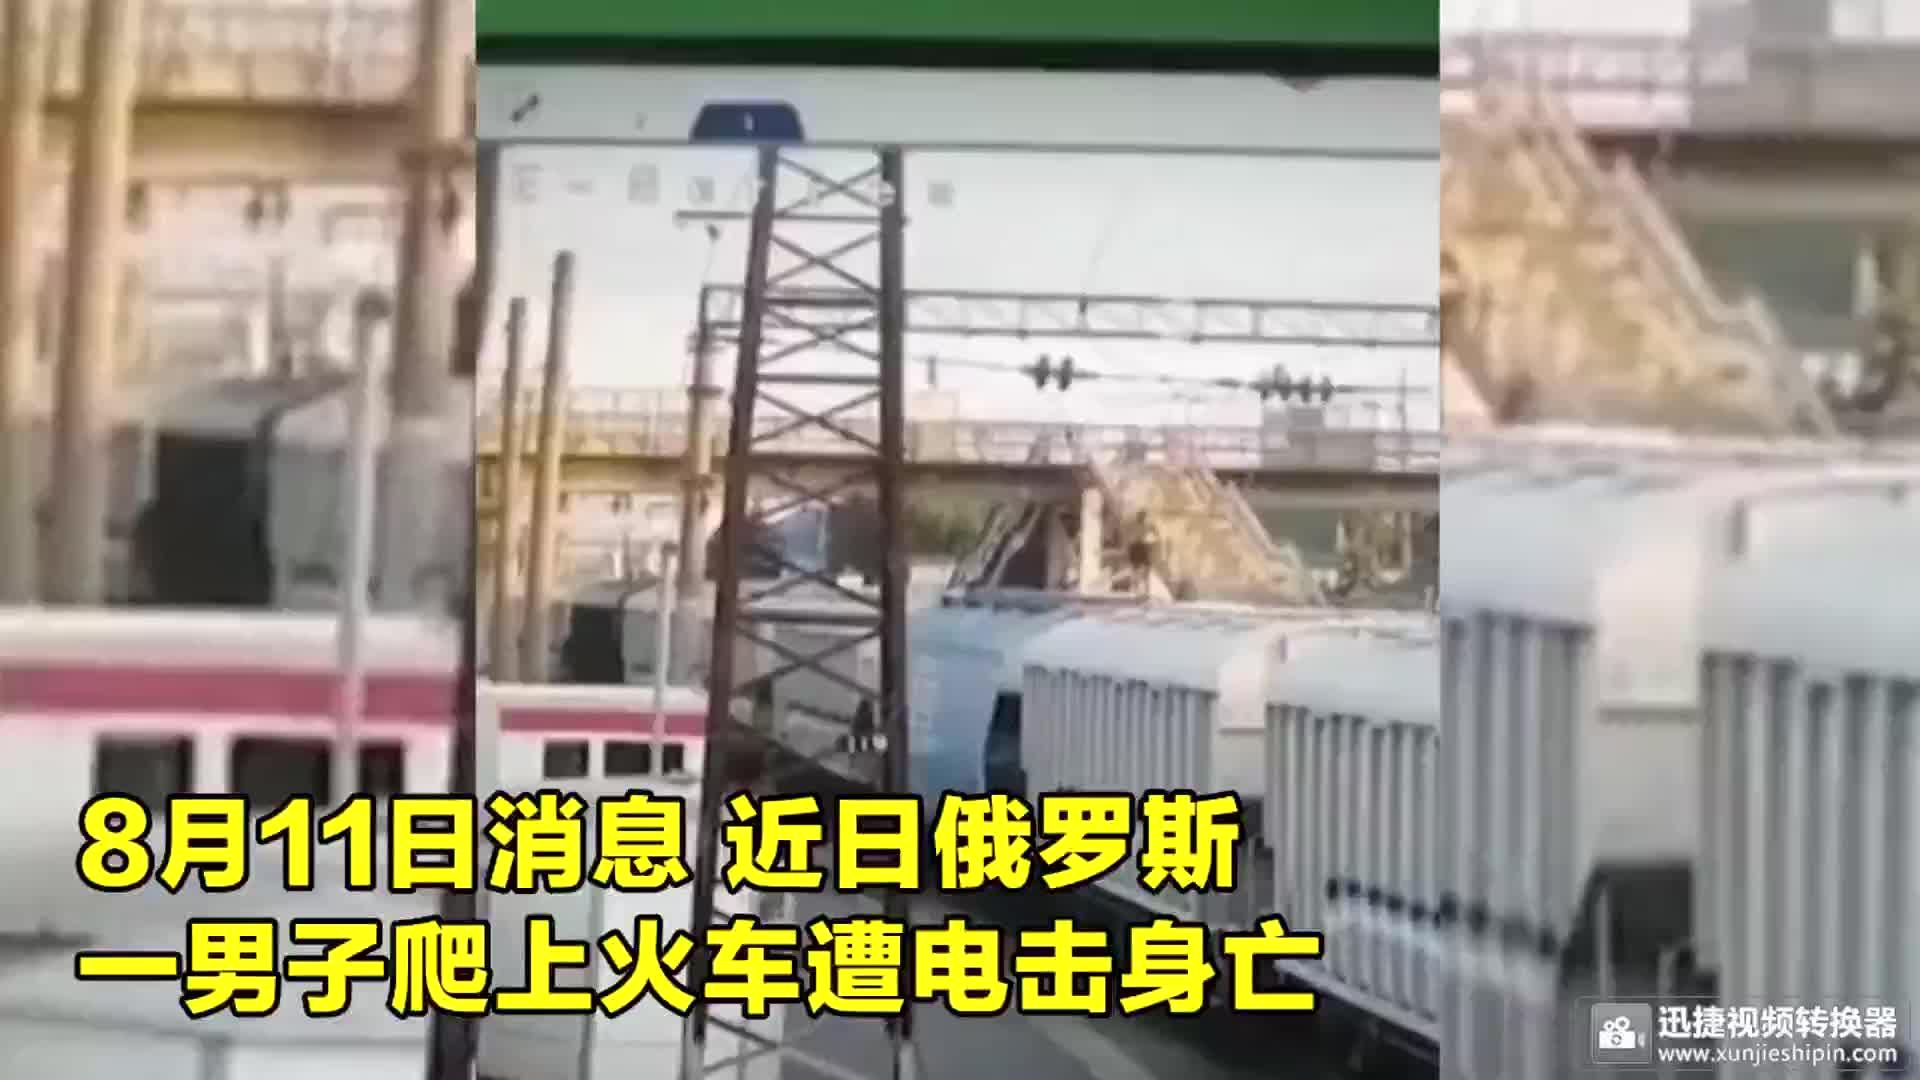 不要命了!俄罗斯男子穿裤衩爬列车顶,不慎遭高压电电击